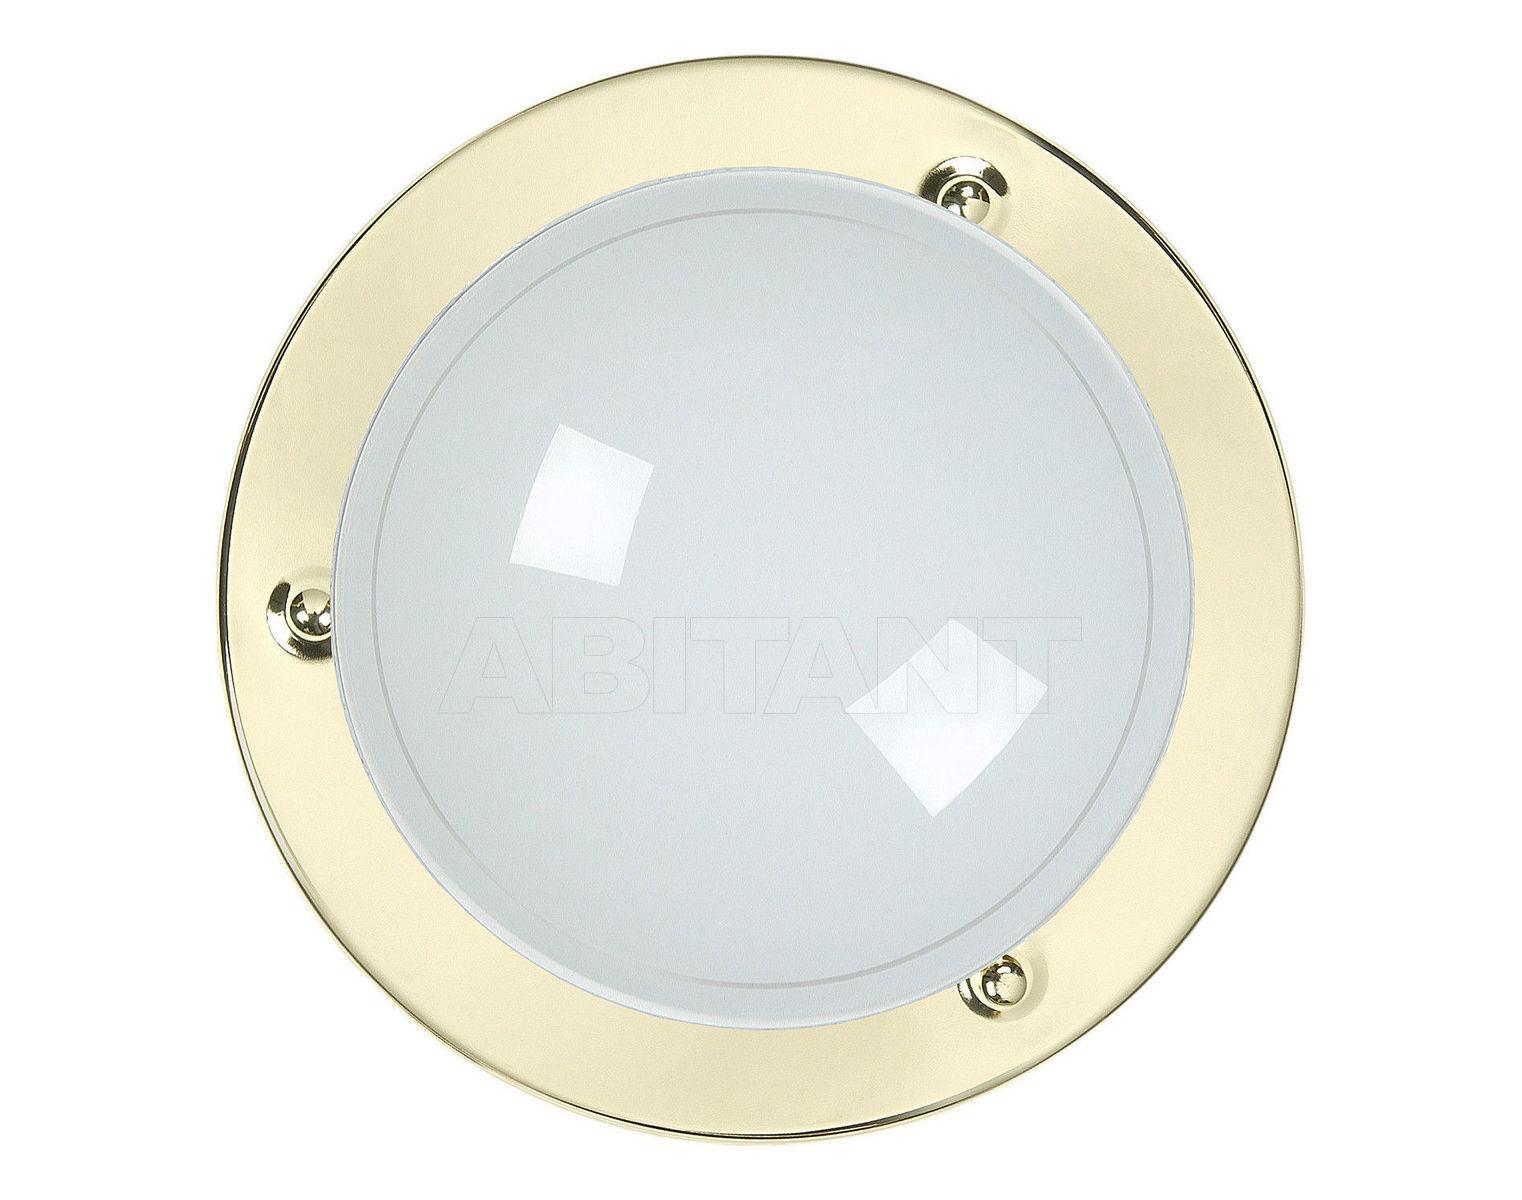 Купить Светильник BASIC Lucide  Ceiling & Wall Lights 07104/30/01